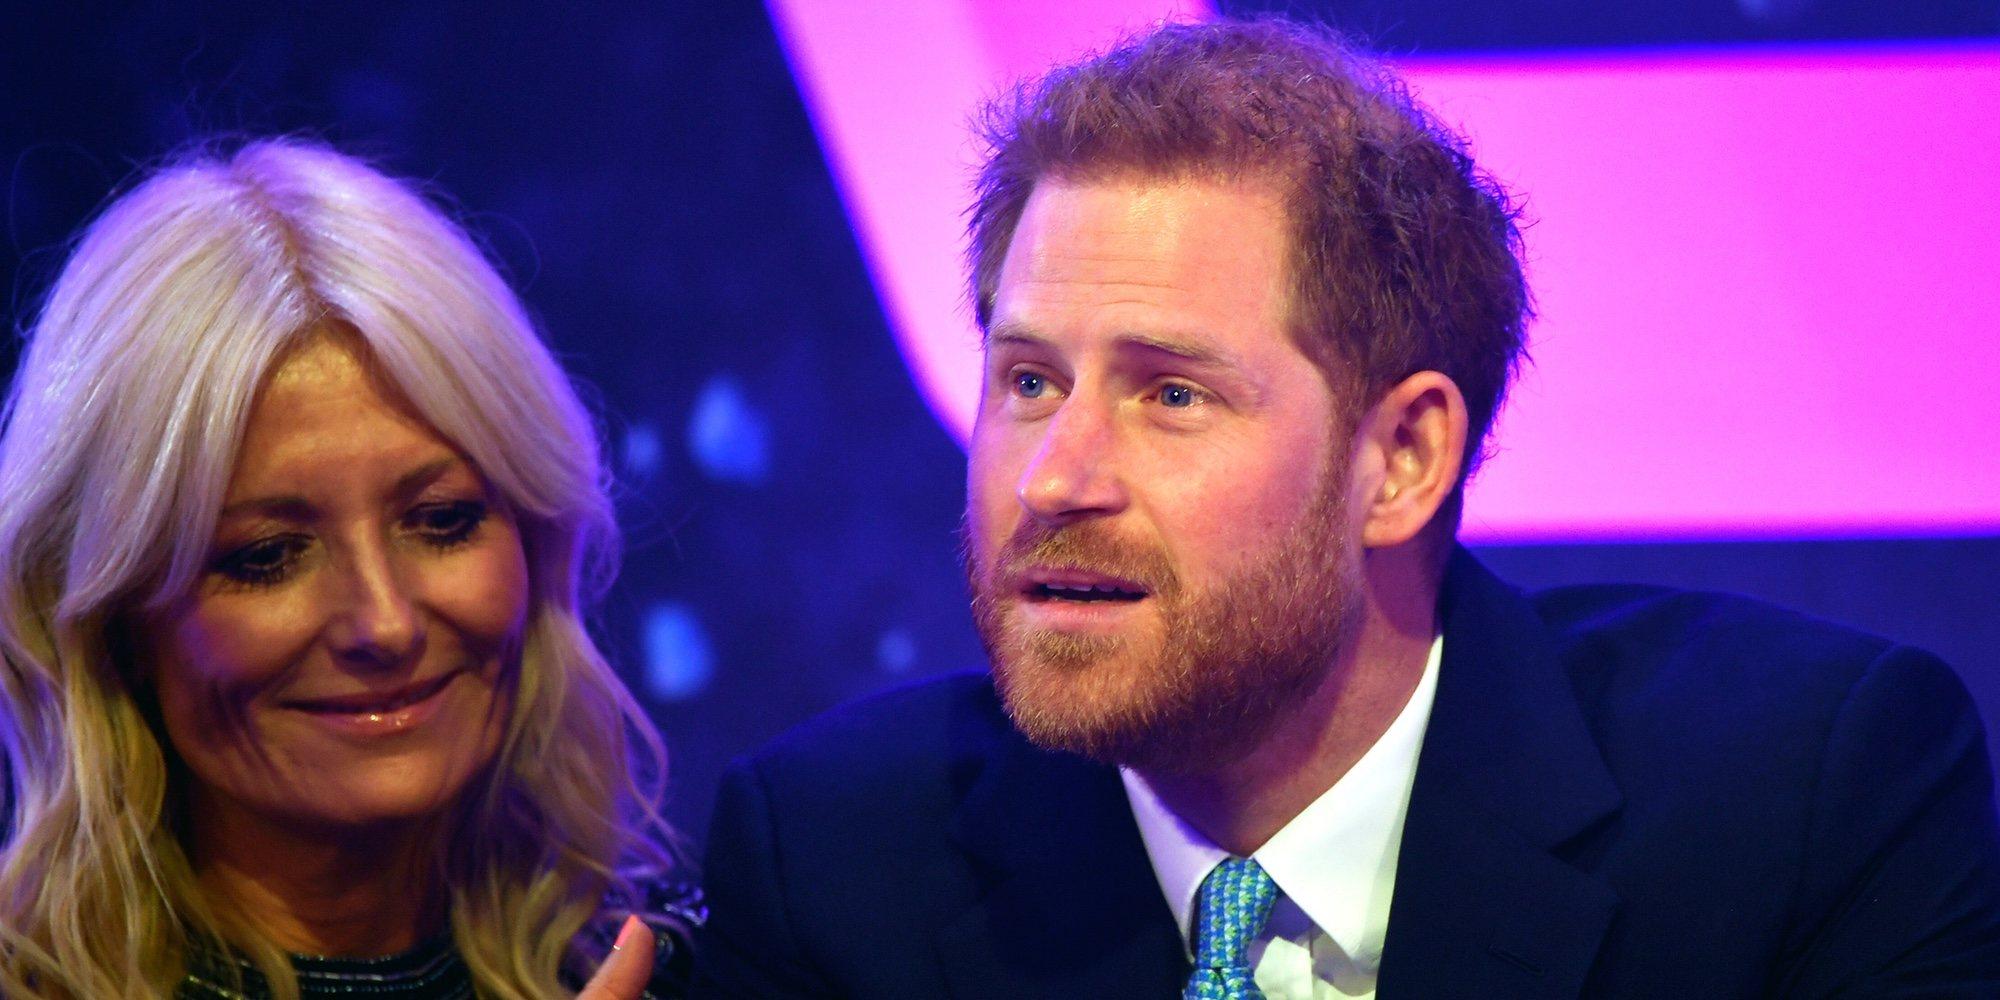 El emotivo discurso en el que el Príncipe Harry se emocionó al hablar de Archie y al recordar el embarazo de Meghan Markle